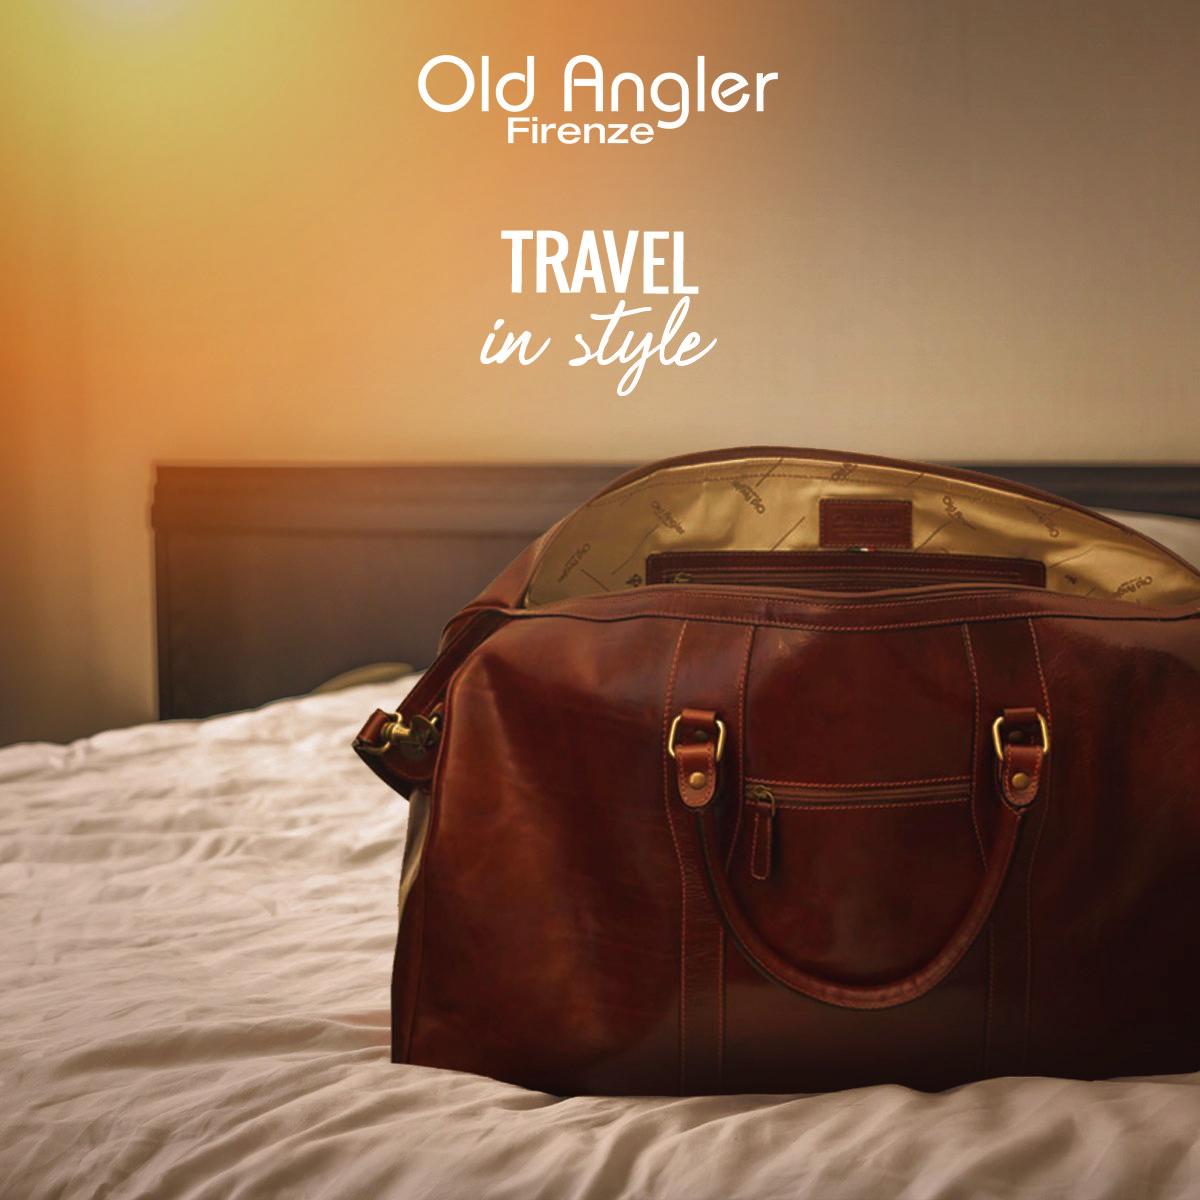 Läderväskor från Old Angler